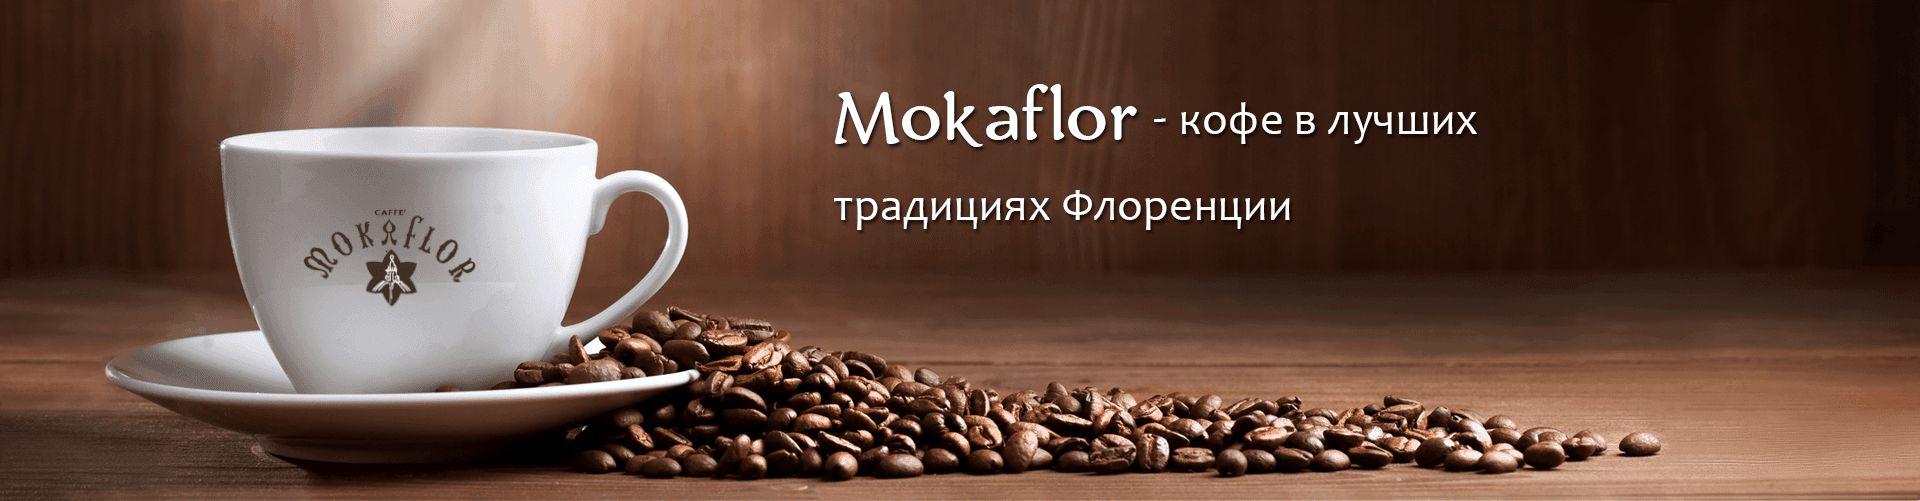 mokaflor-2